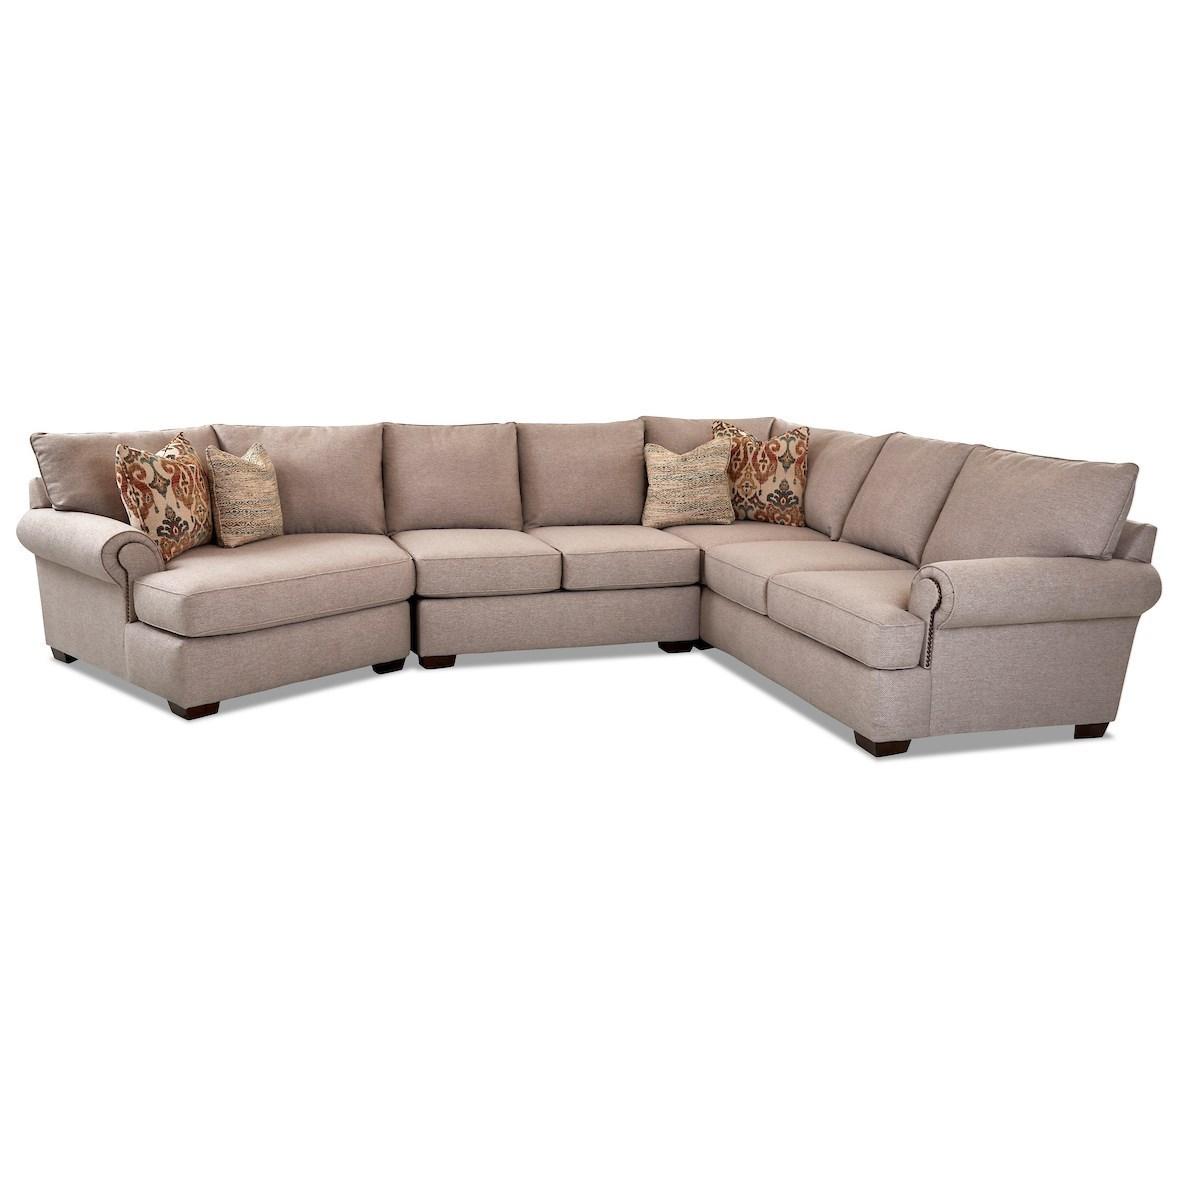 laf cuddler chair